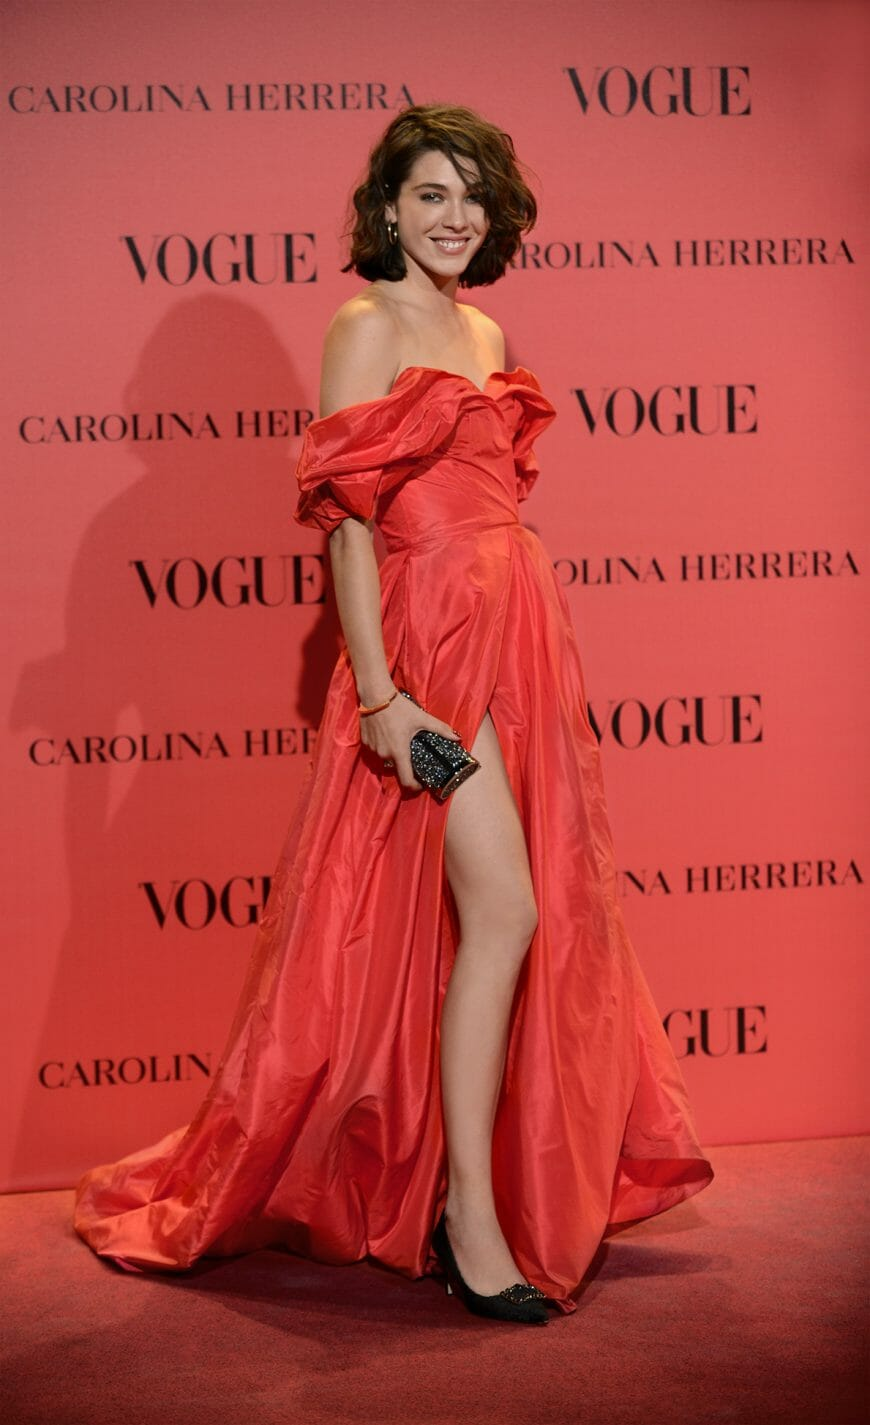 ch-carolina-herrera-fashion-vogue-party-influencers-homepage-banner-image-steffy-argelich